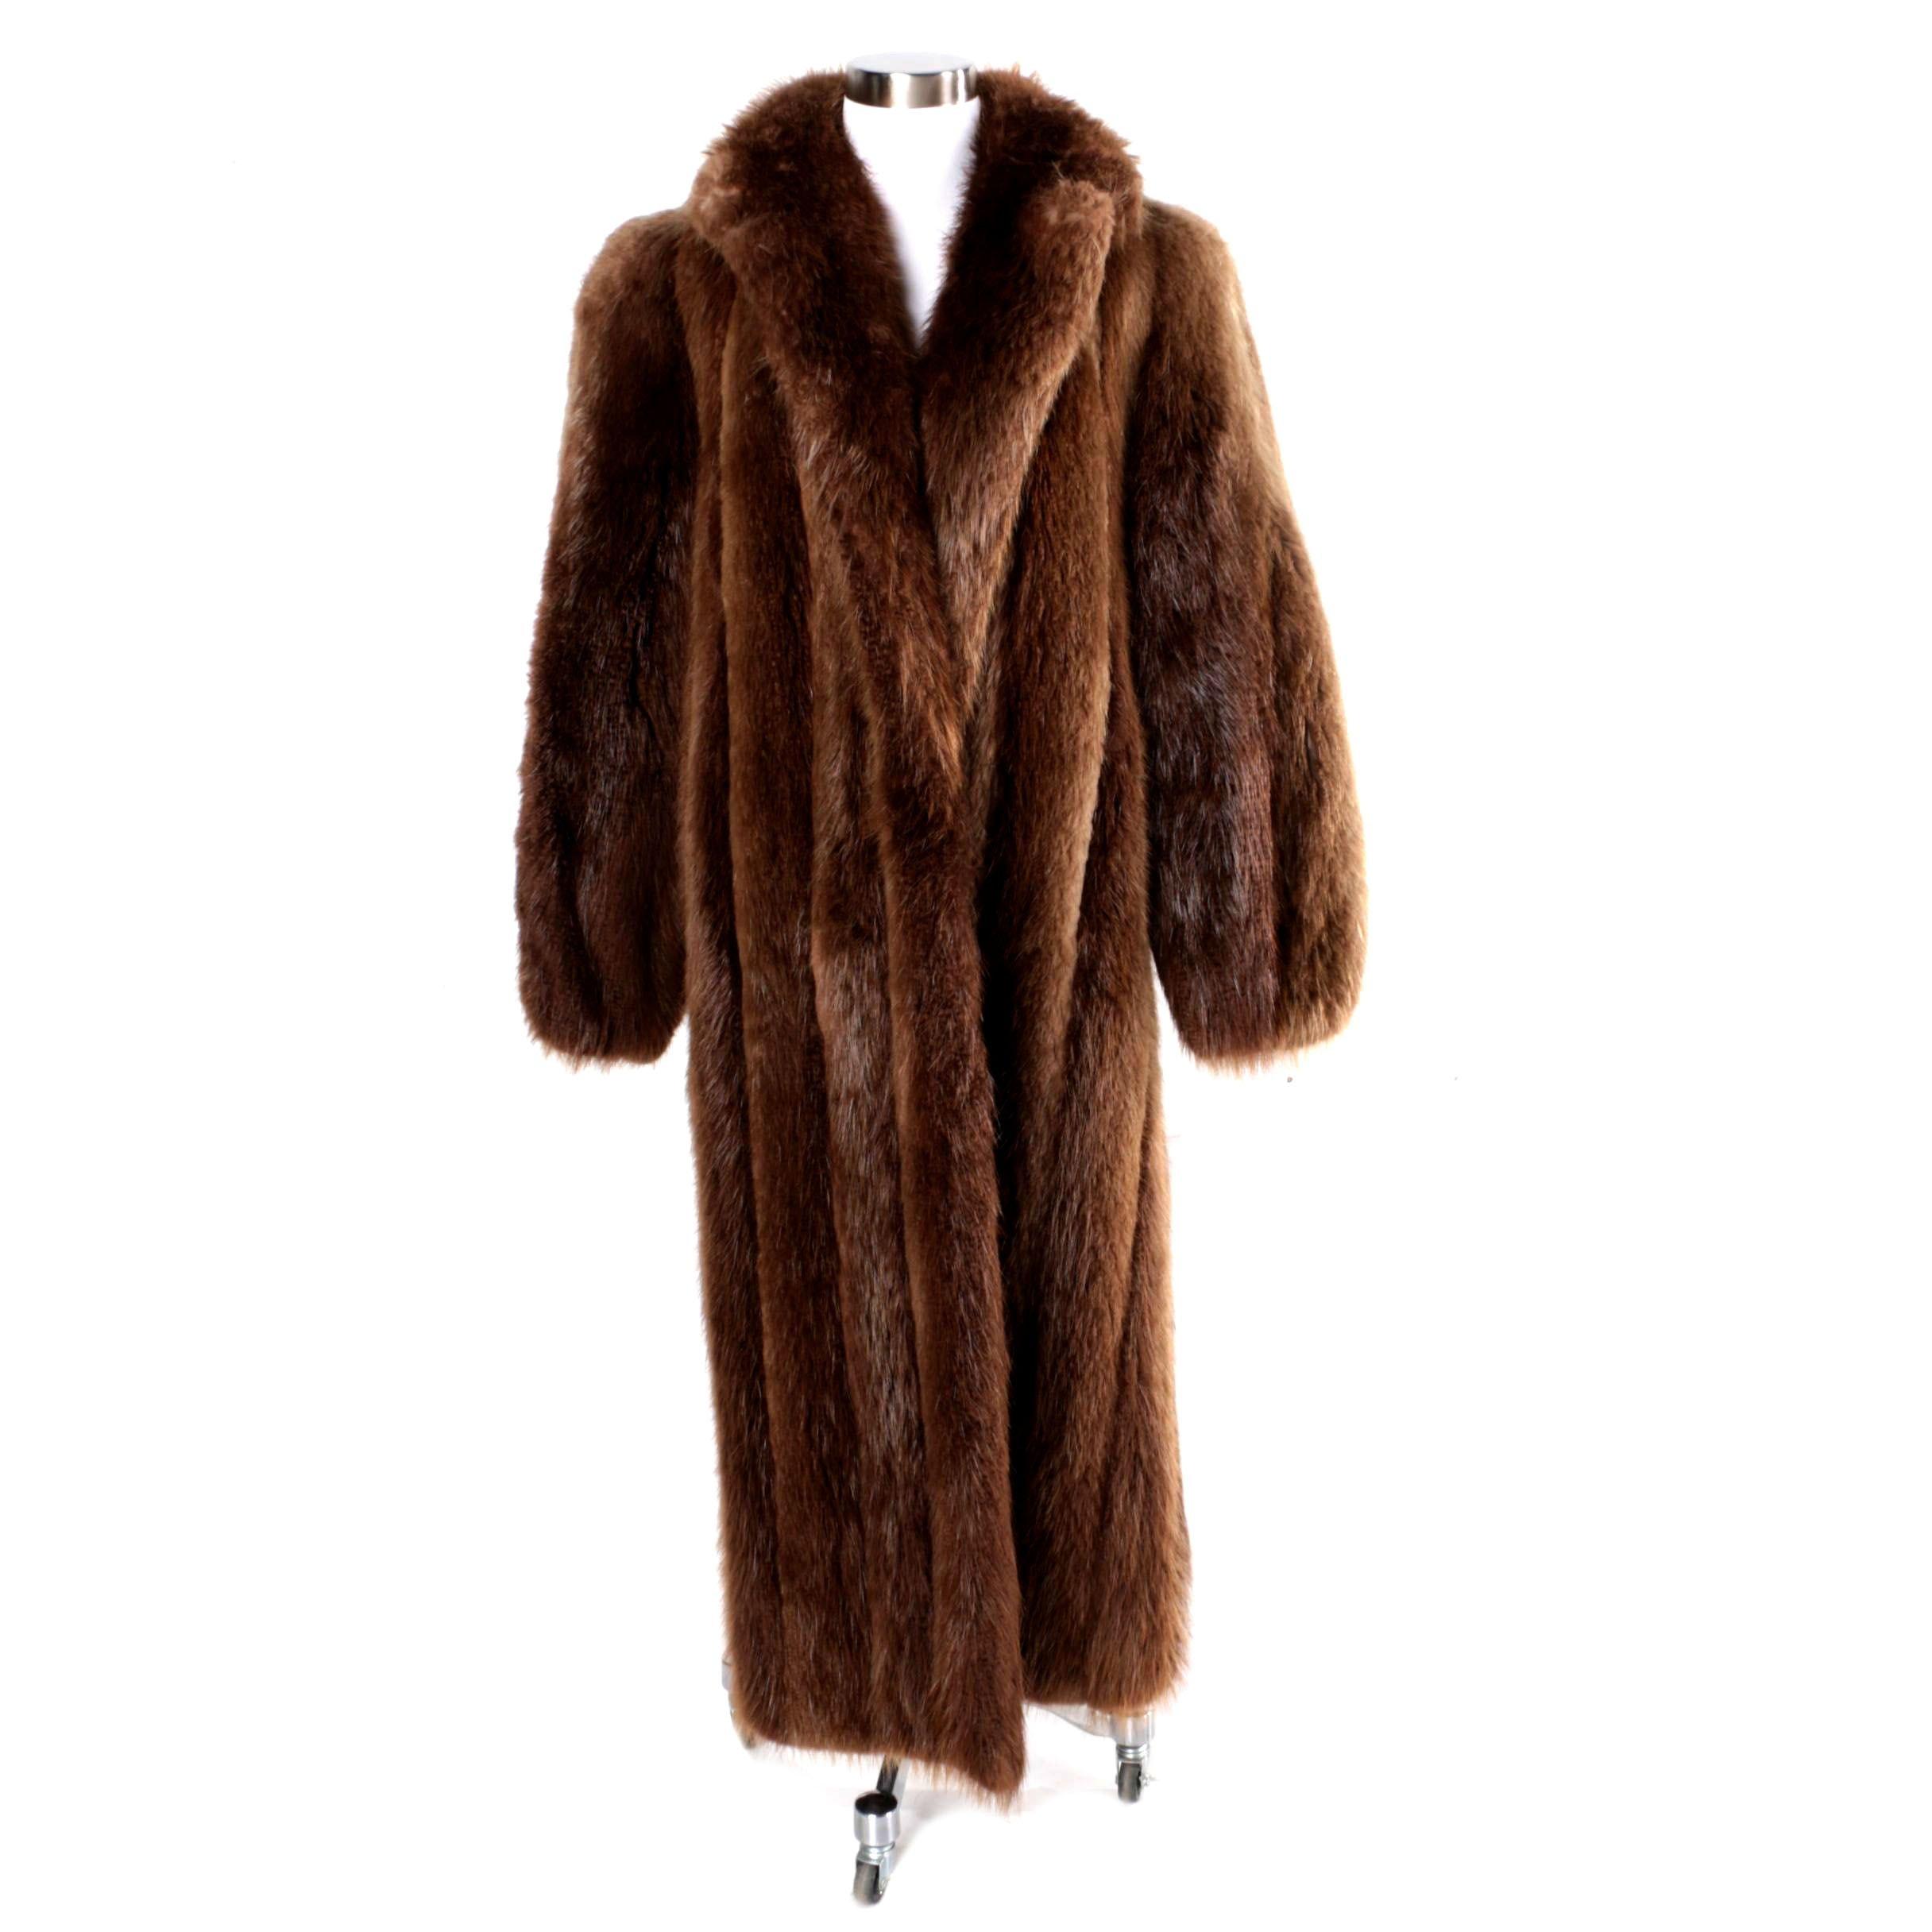 Vintage Beaver Fur Coat by Dittrich